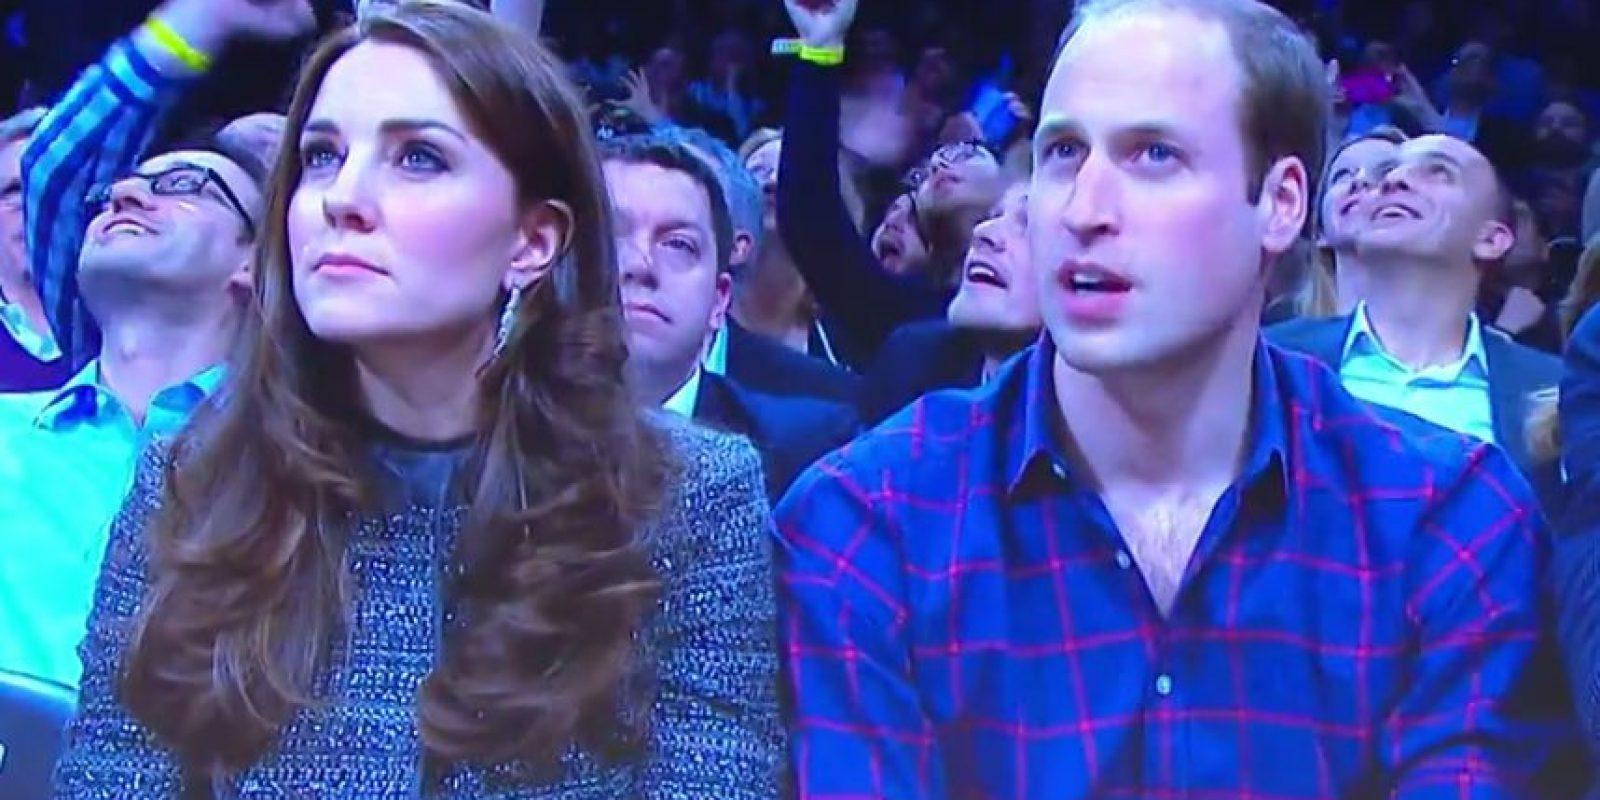 Fueron captados por las pantallas del lugar Foto:NBA Highlights